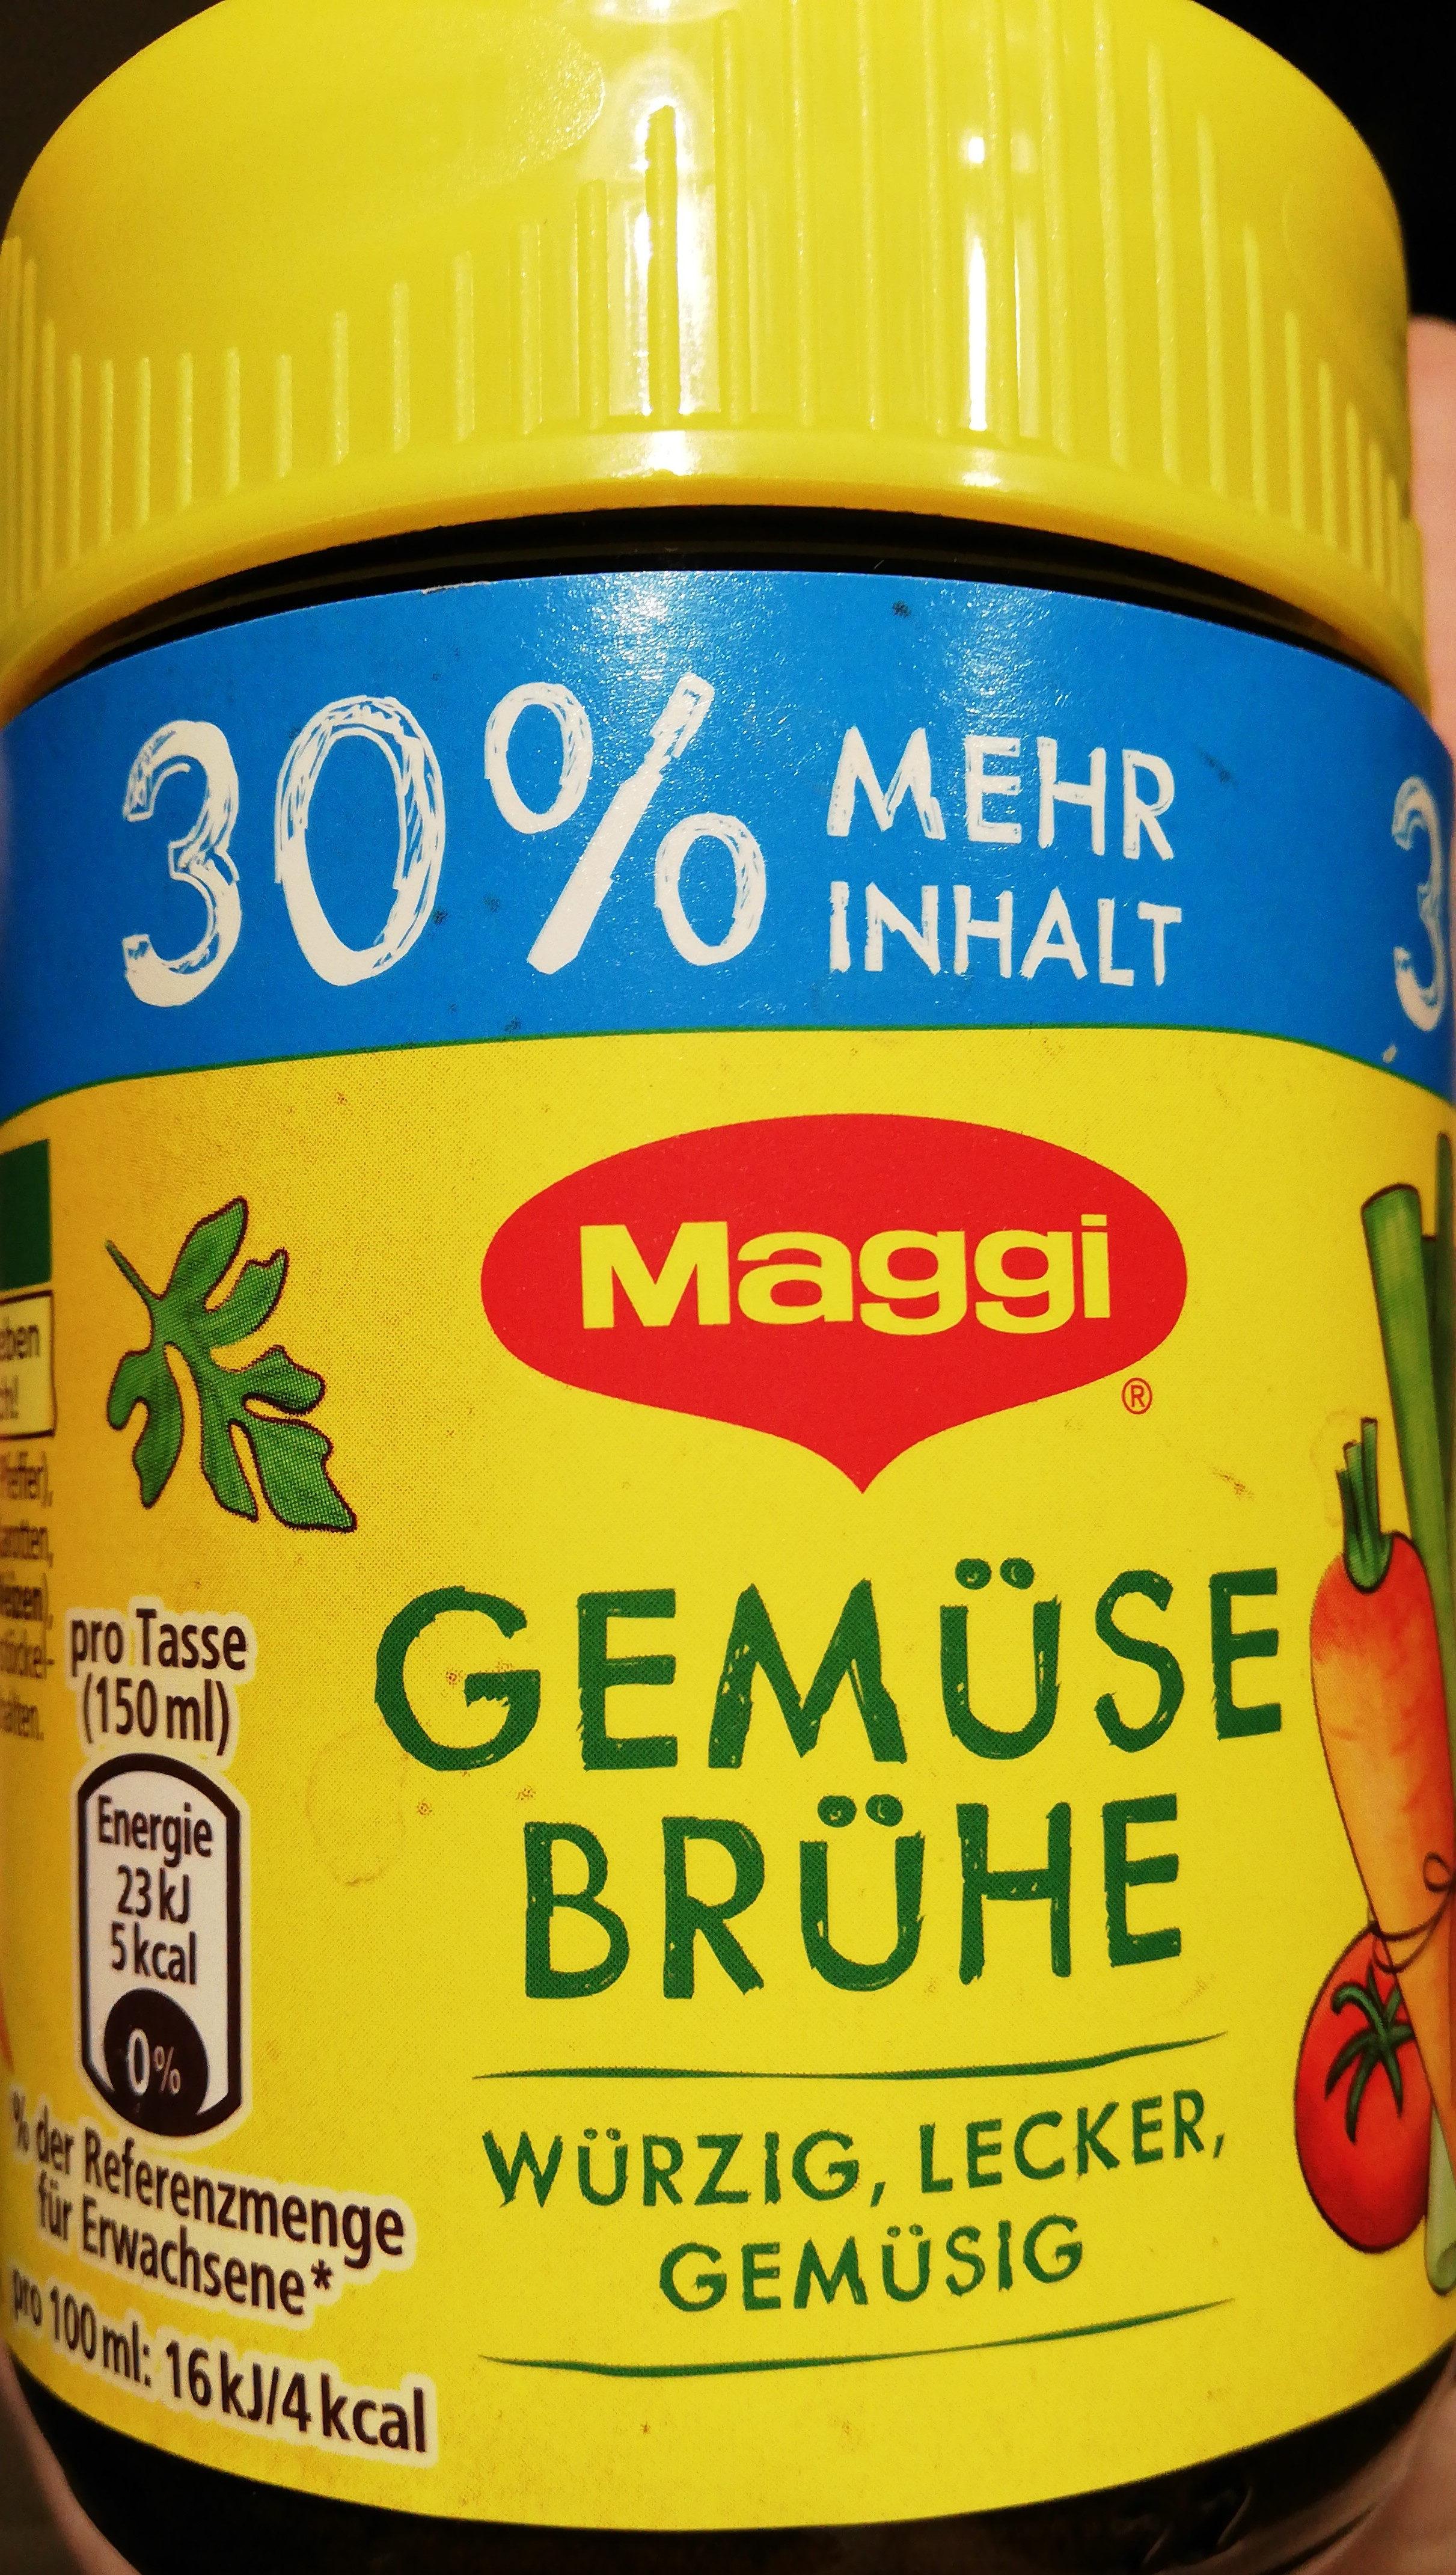 Gemüse Brühe - Product